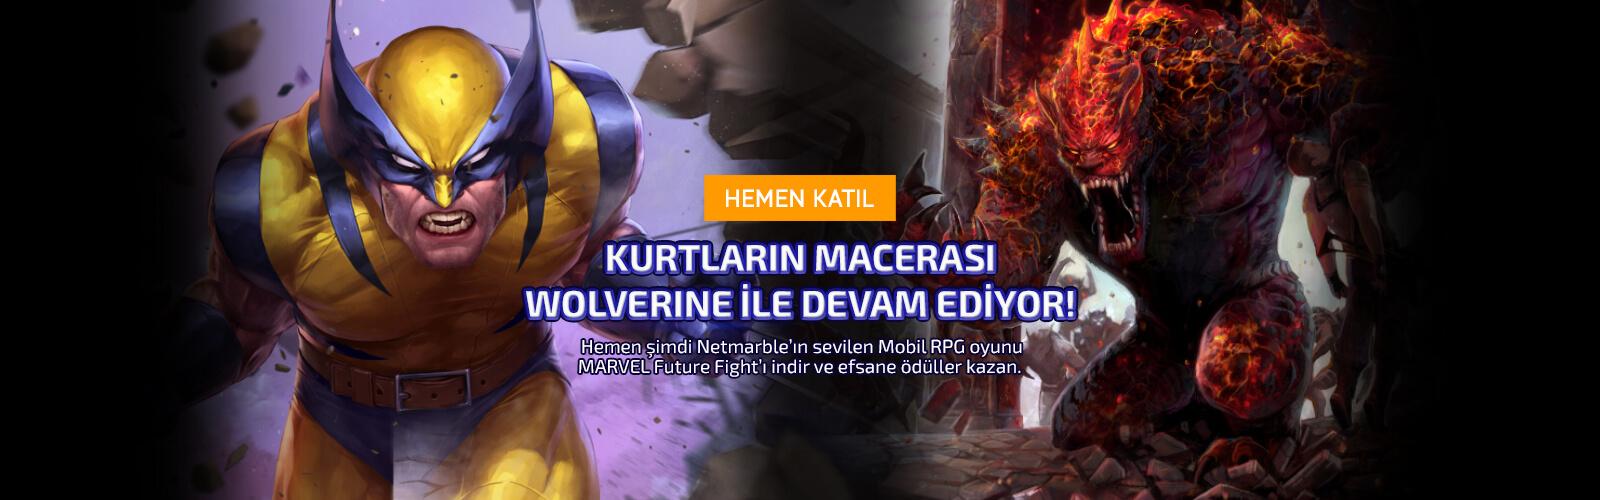 Oyna Kazan!